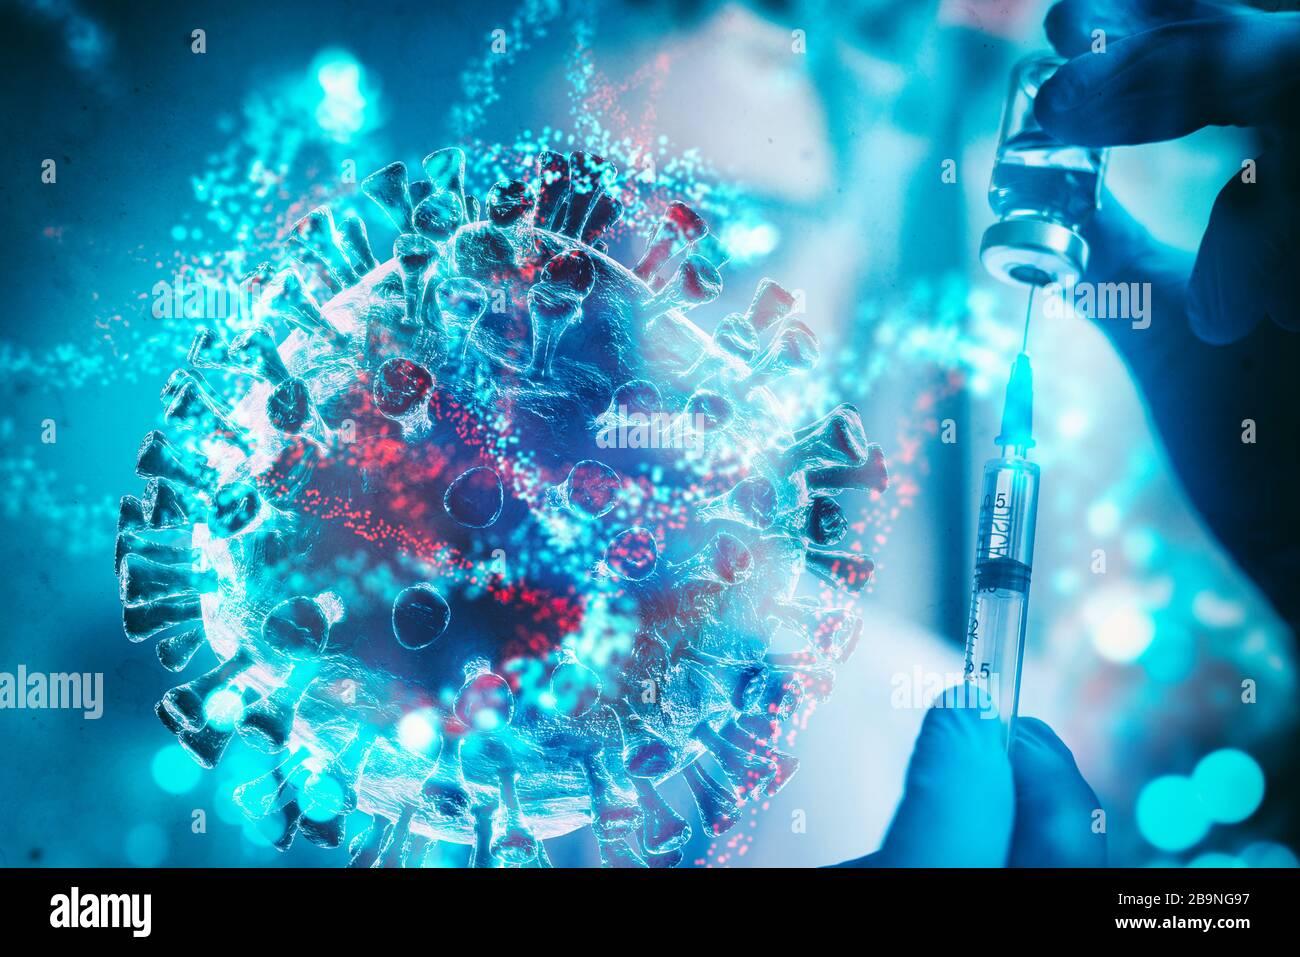 Investigación y desarrollo de vacunas contra enfermedades causadas por el virus Foto de stock